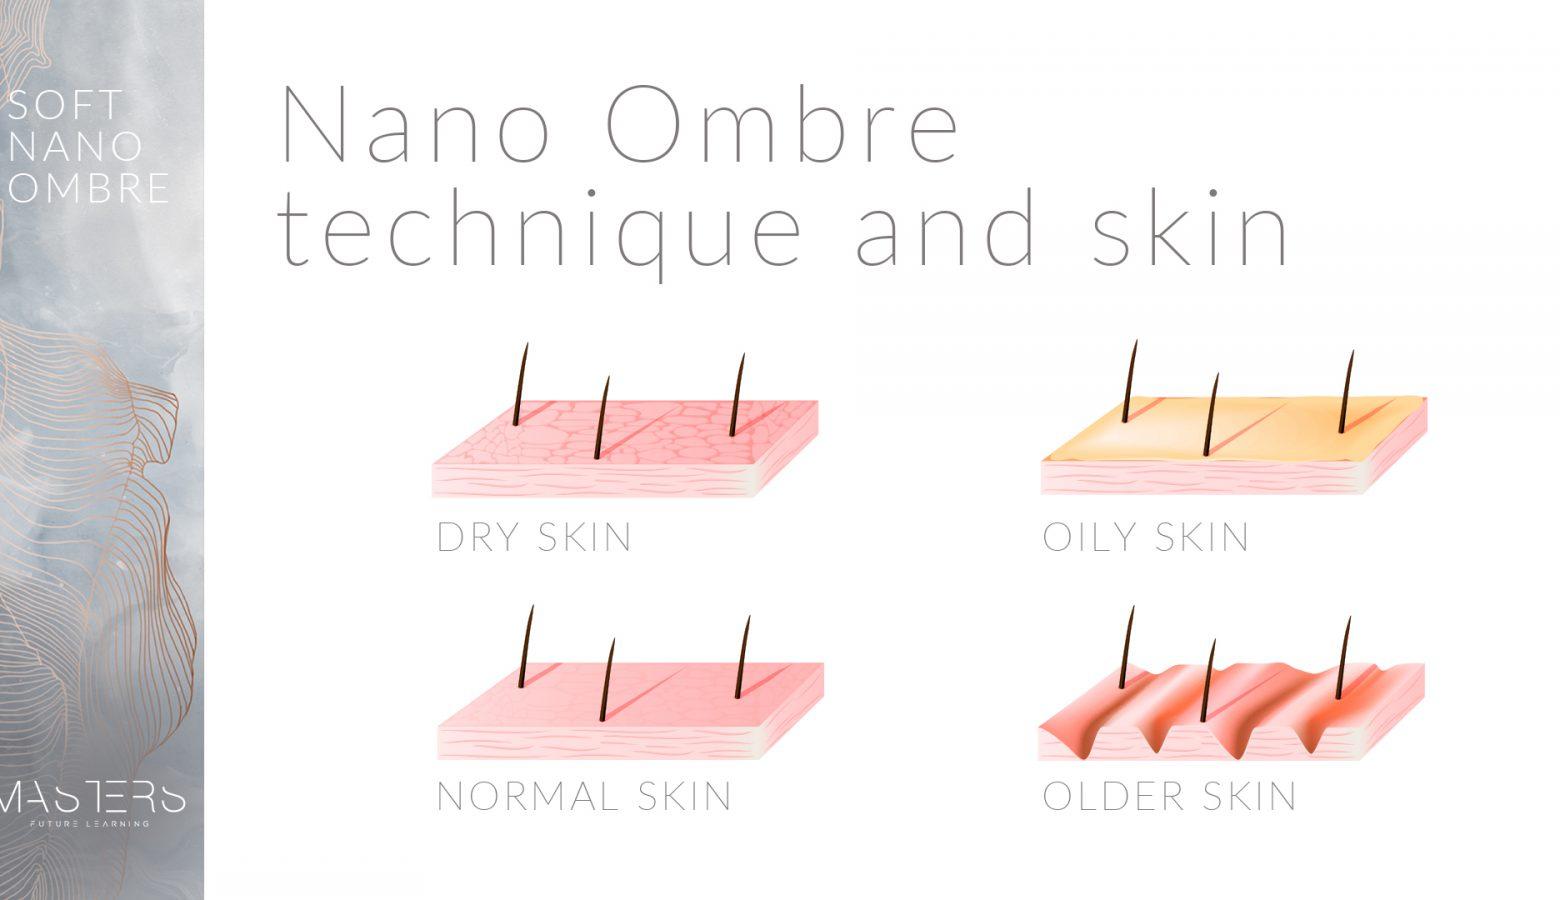 Nano Ombre technique and skin